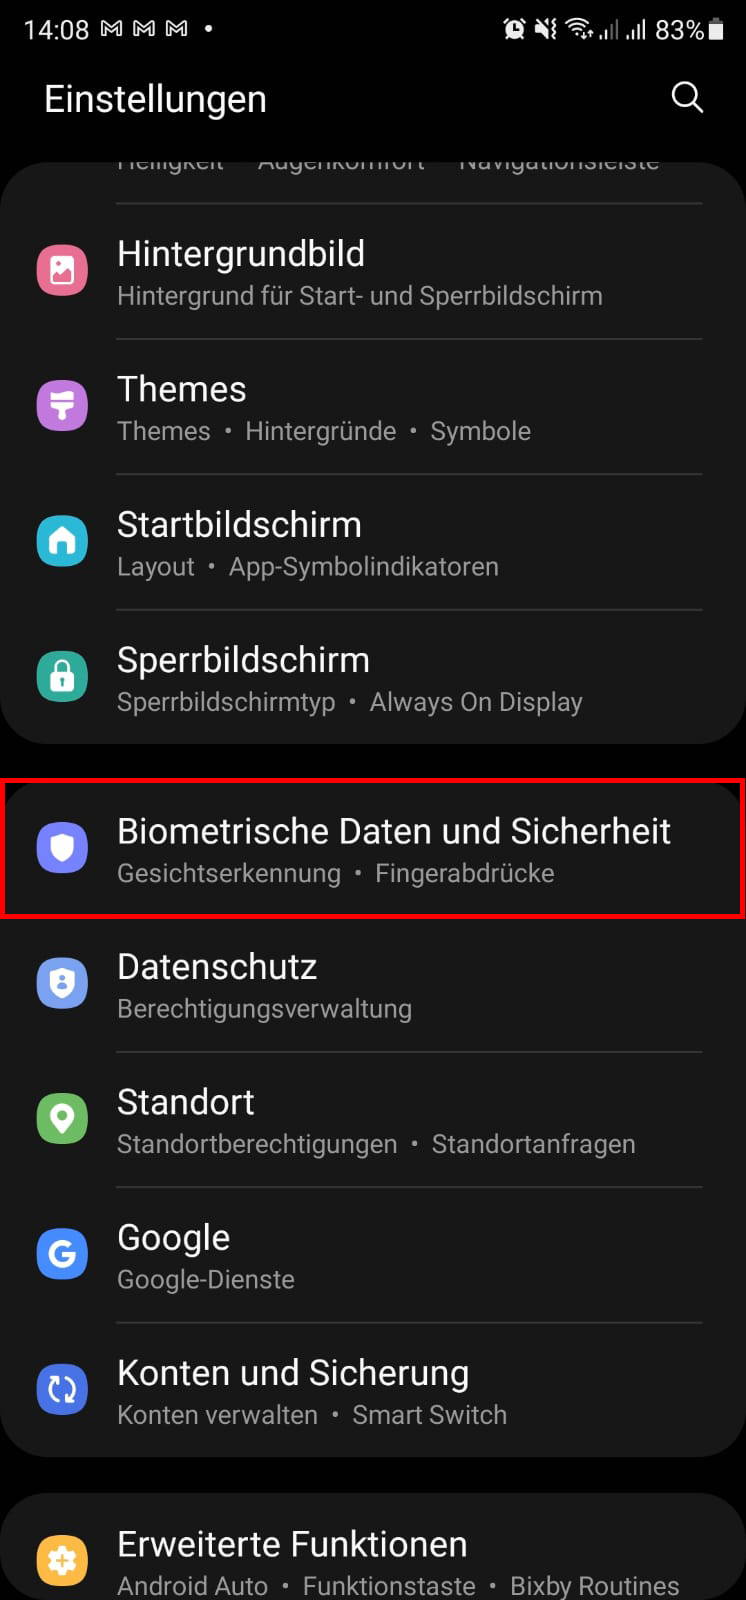 Biometrische Daten und Sicherheit Samsung Galaxy